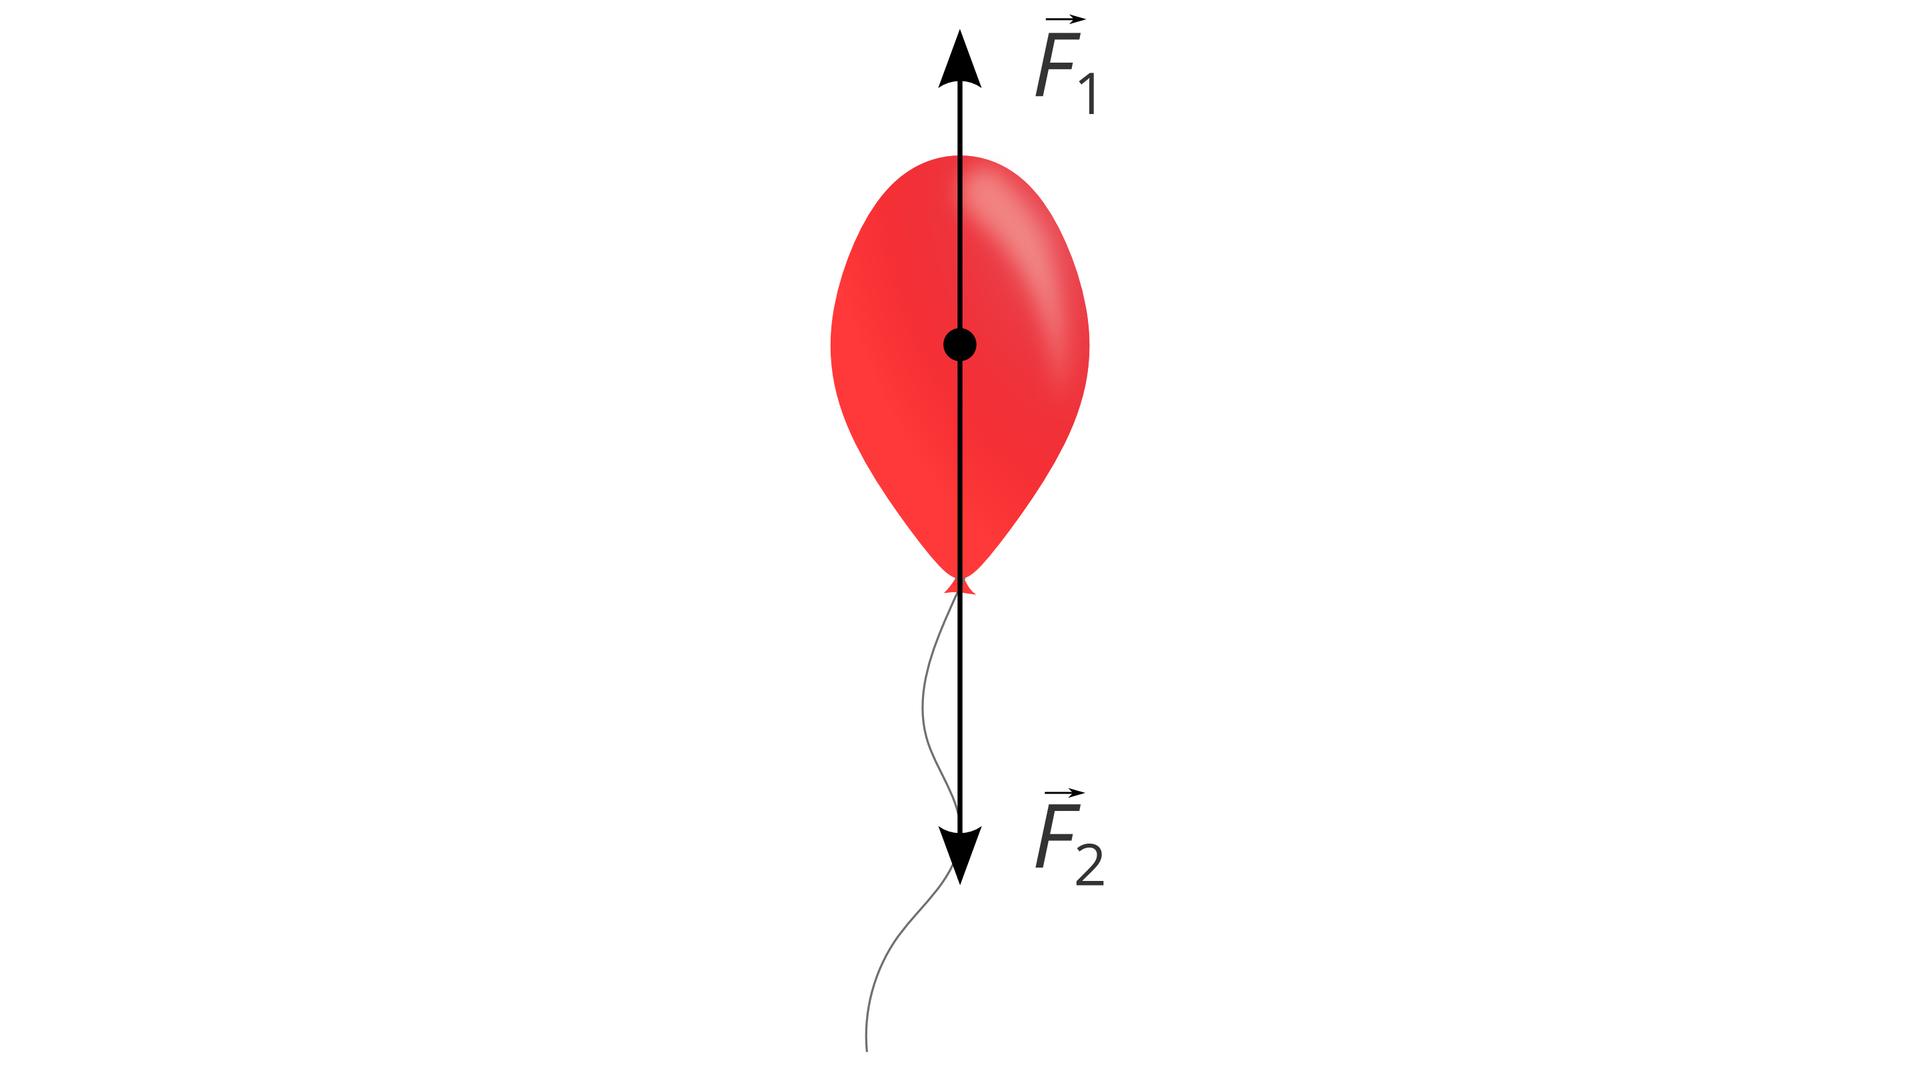 Na ilustracji znajduje się czerwony balonik. Tło białe. Balonik związany czarną nitką. Na środku balonika znajduje się punkt przyłożenia sił działających na balonik. Siły oznaczono wektorami. Wektory mają postać strzałek. Oba leżą na tej samej, pionowej prostej. Mają ten sam kierunek, ale przeciwne zwroty. Wektor zwrócony ku górze ilustracji jest opisany jako F1. Wektor zwrócony ku dołowi podpisano F2. Wektor F2 jest dłuższy.